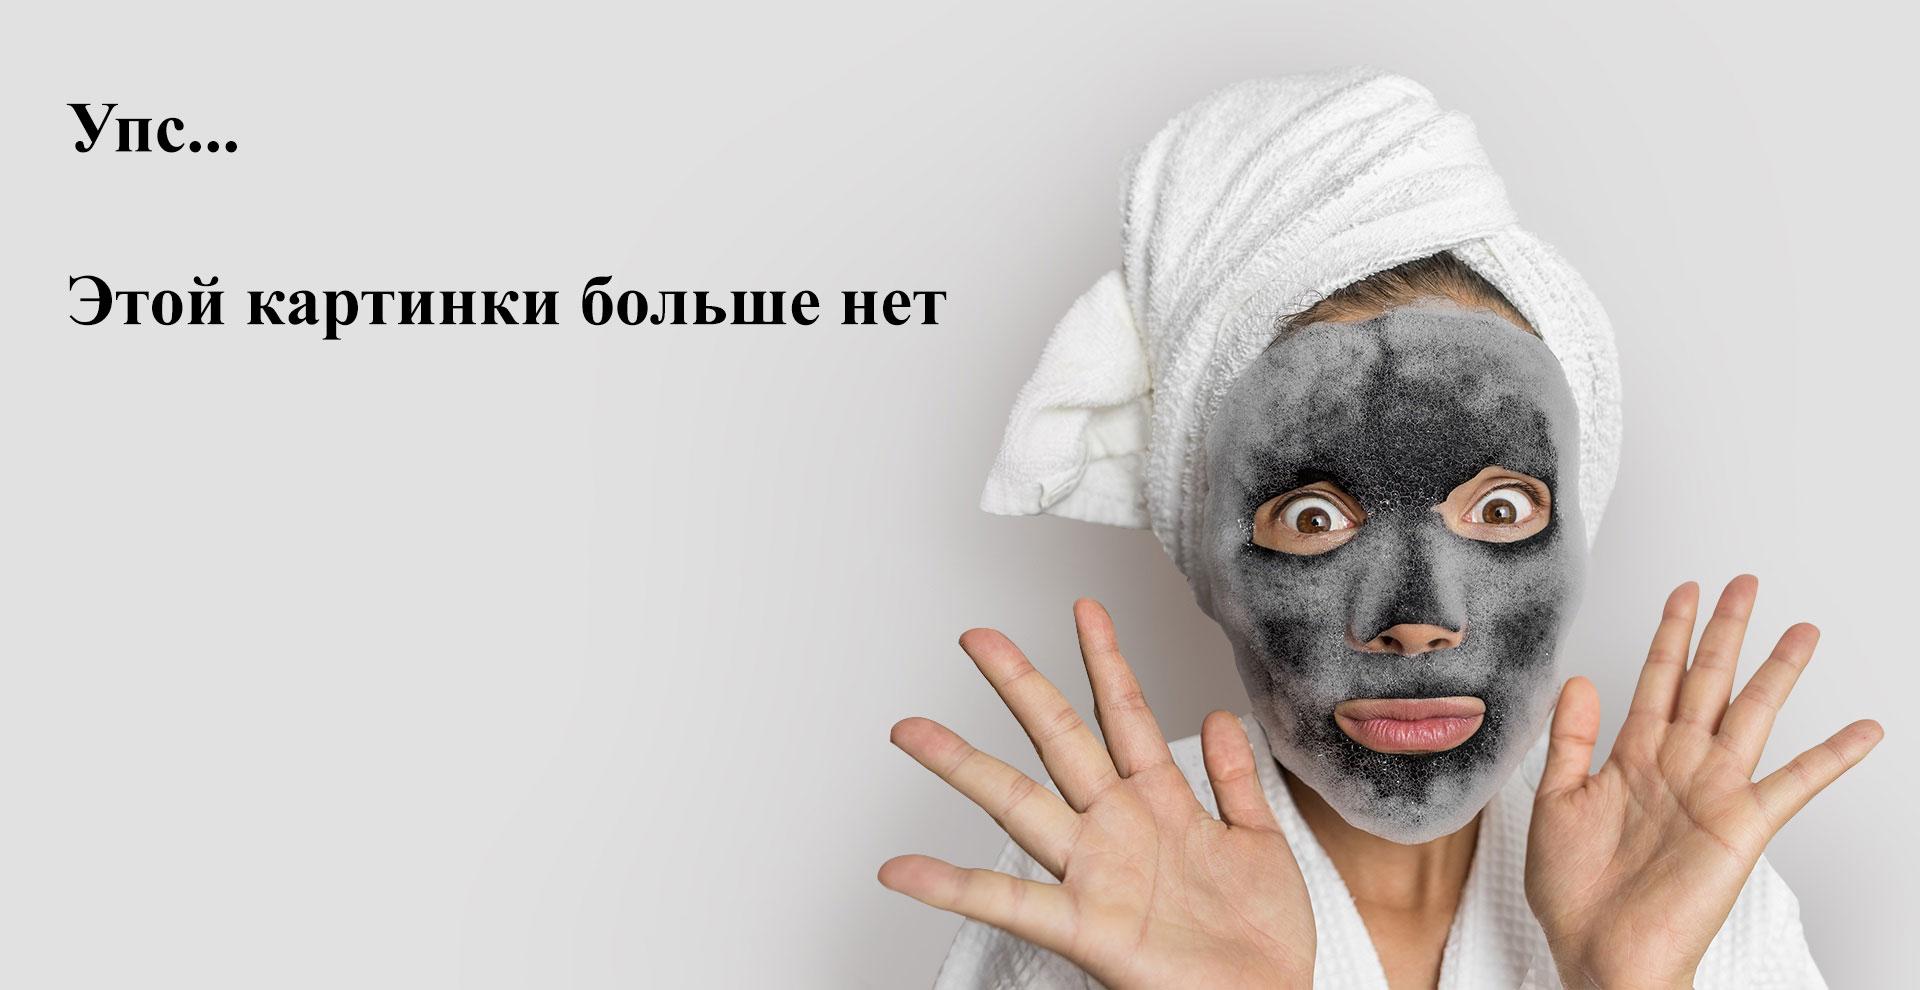 L'oreal Professionnel, Шампунь для нормальных волос Pure Resource, 300 мл